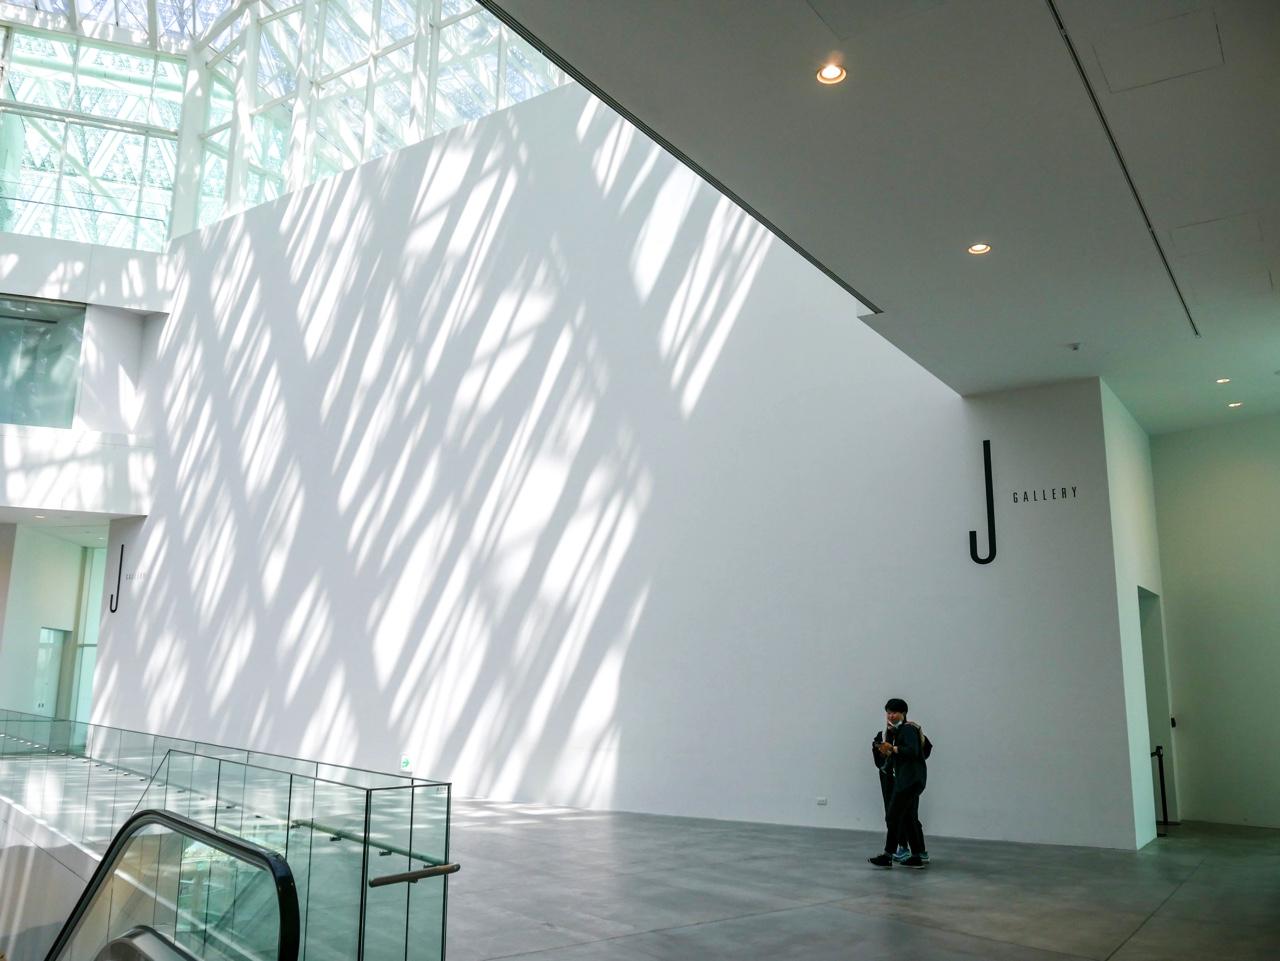 臺南市美術館2館の内部01